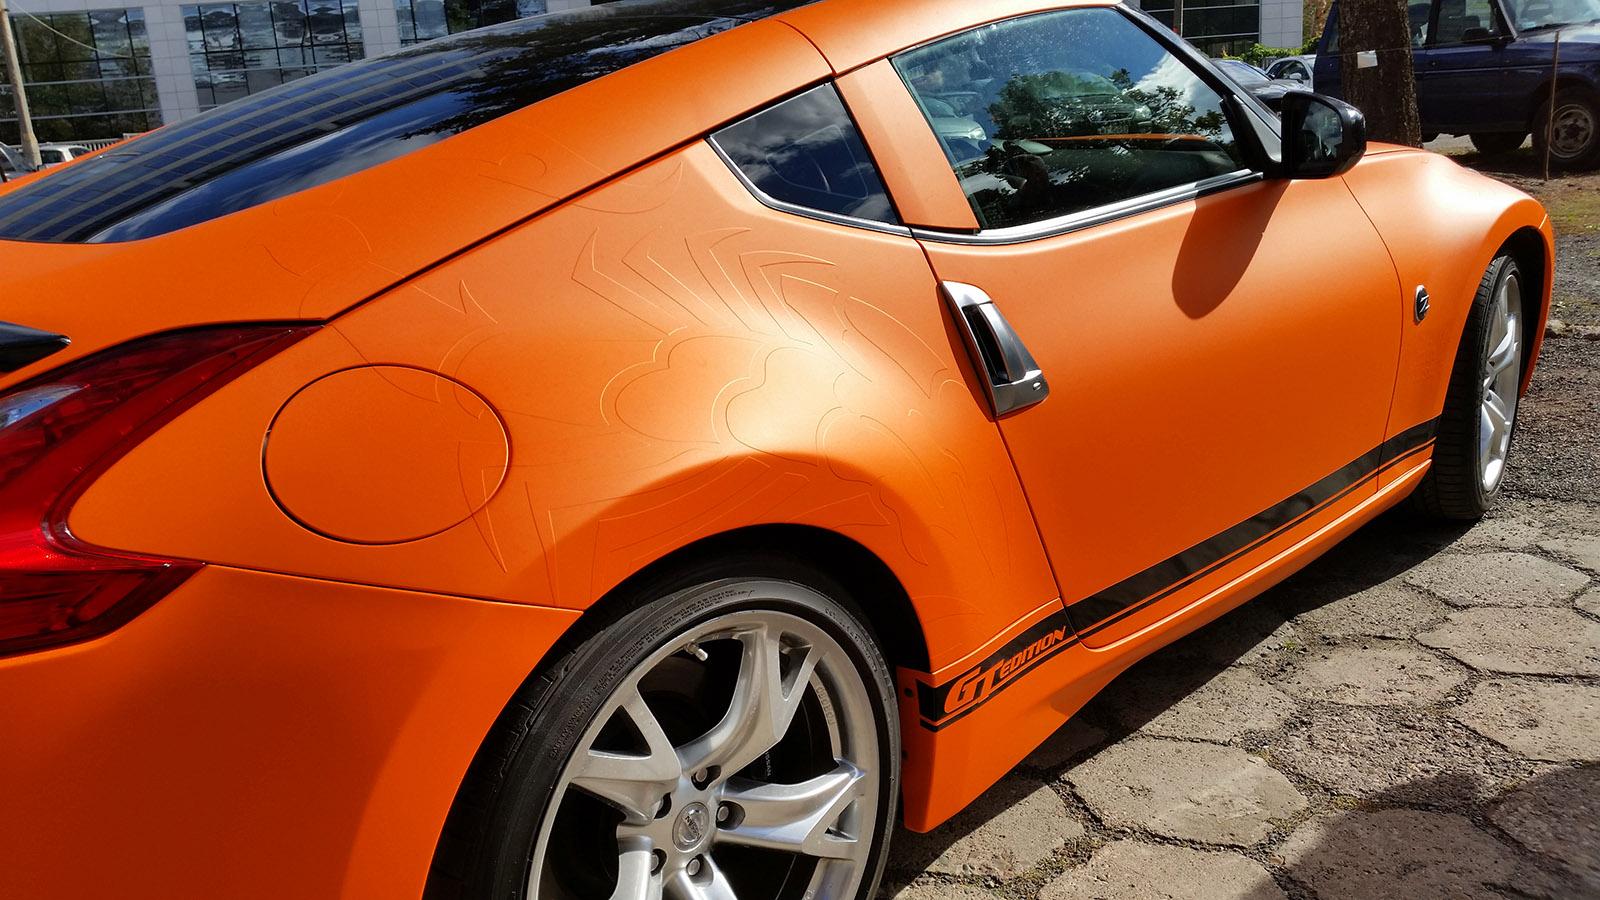 Oklejanie samochodów - skaryfikacja